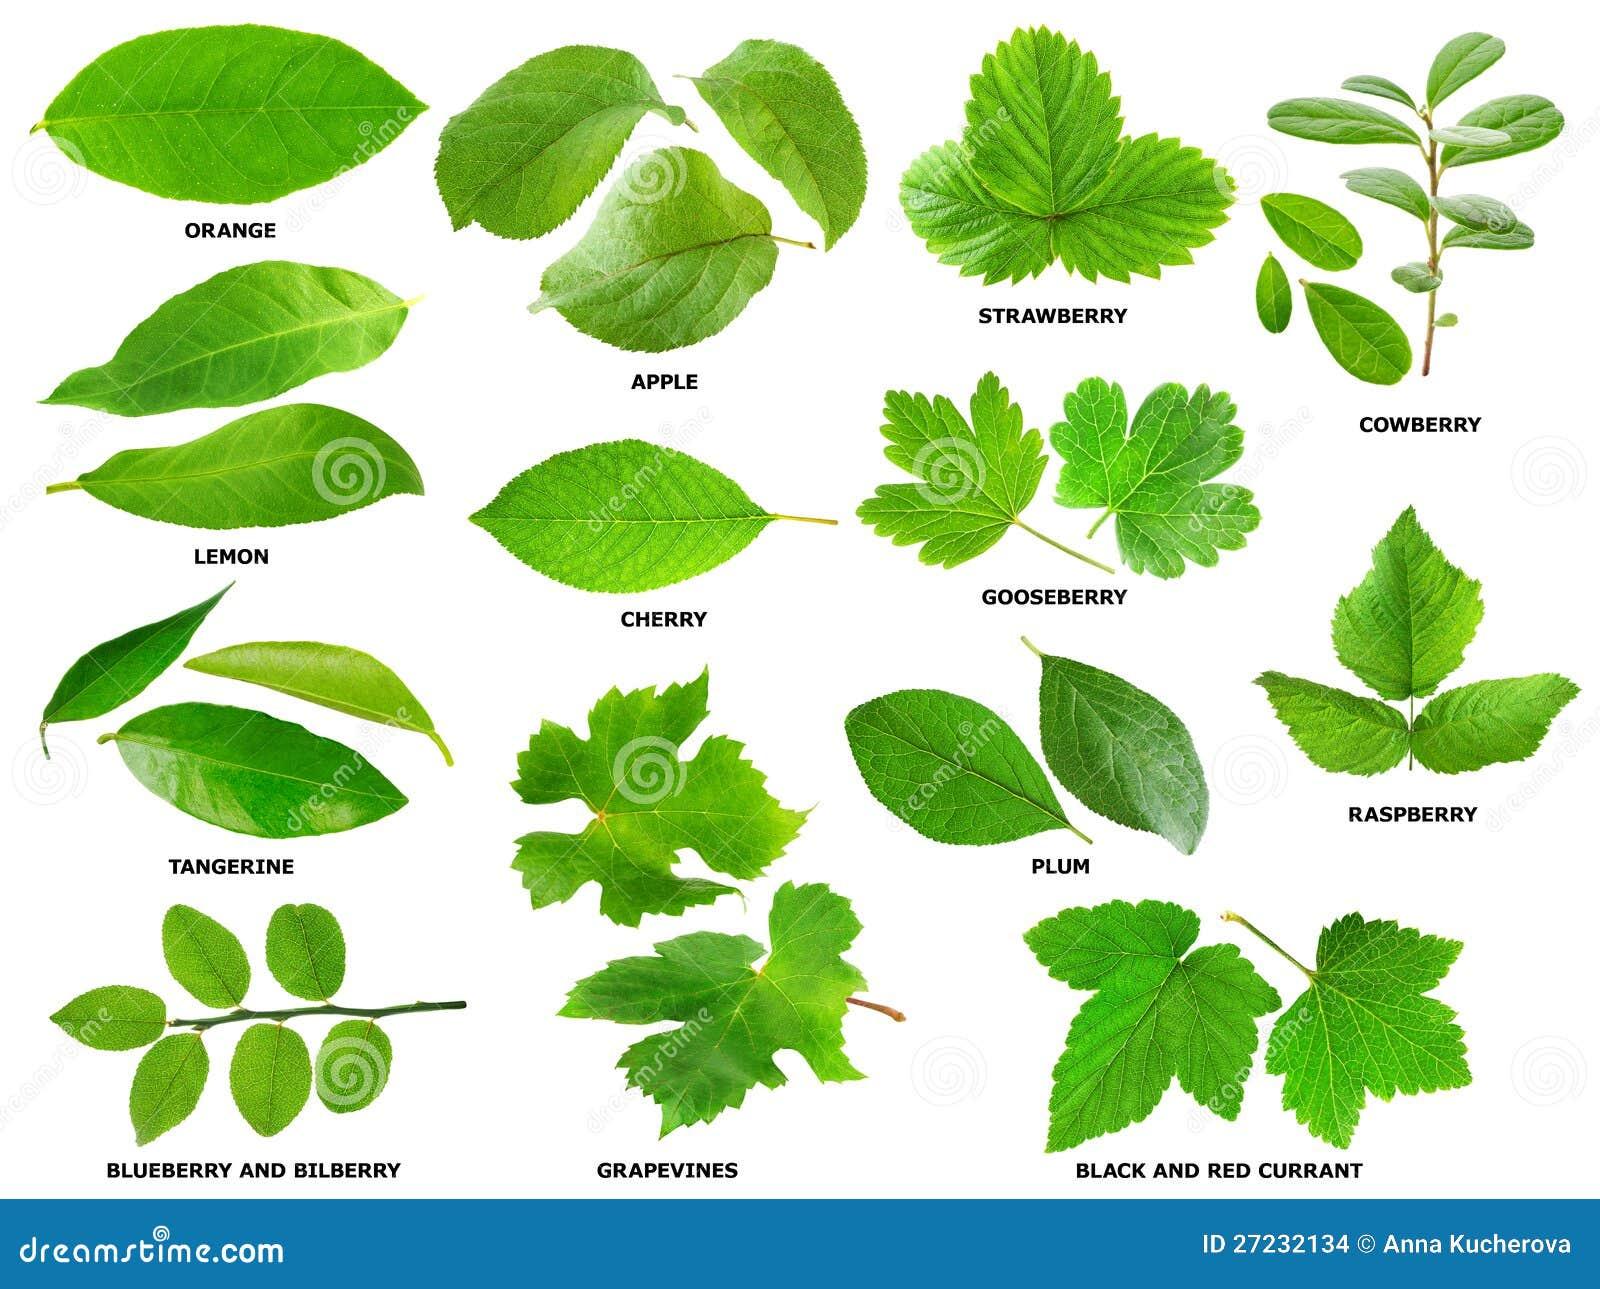 Hojas de la fruta y arbustos y rboles de la baya imagenes - Arboles y arbustos ...